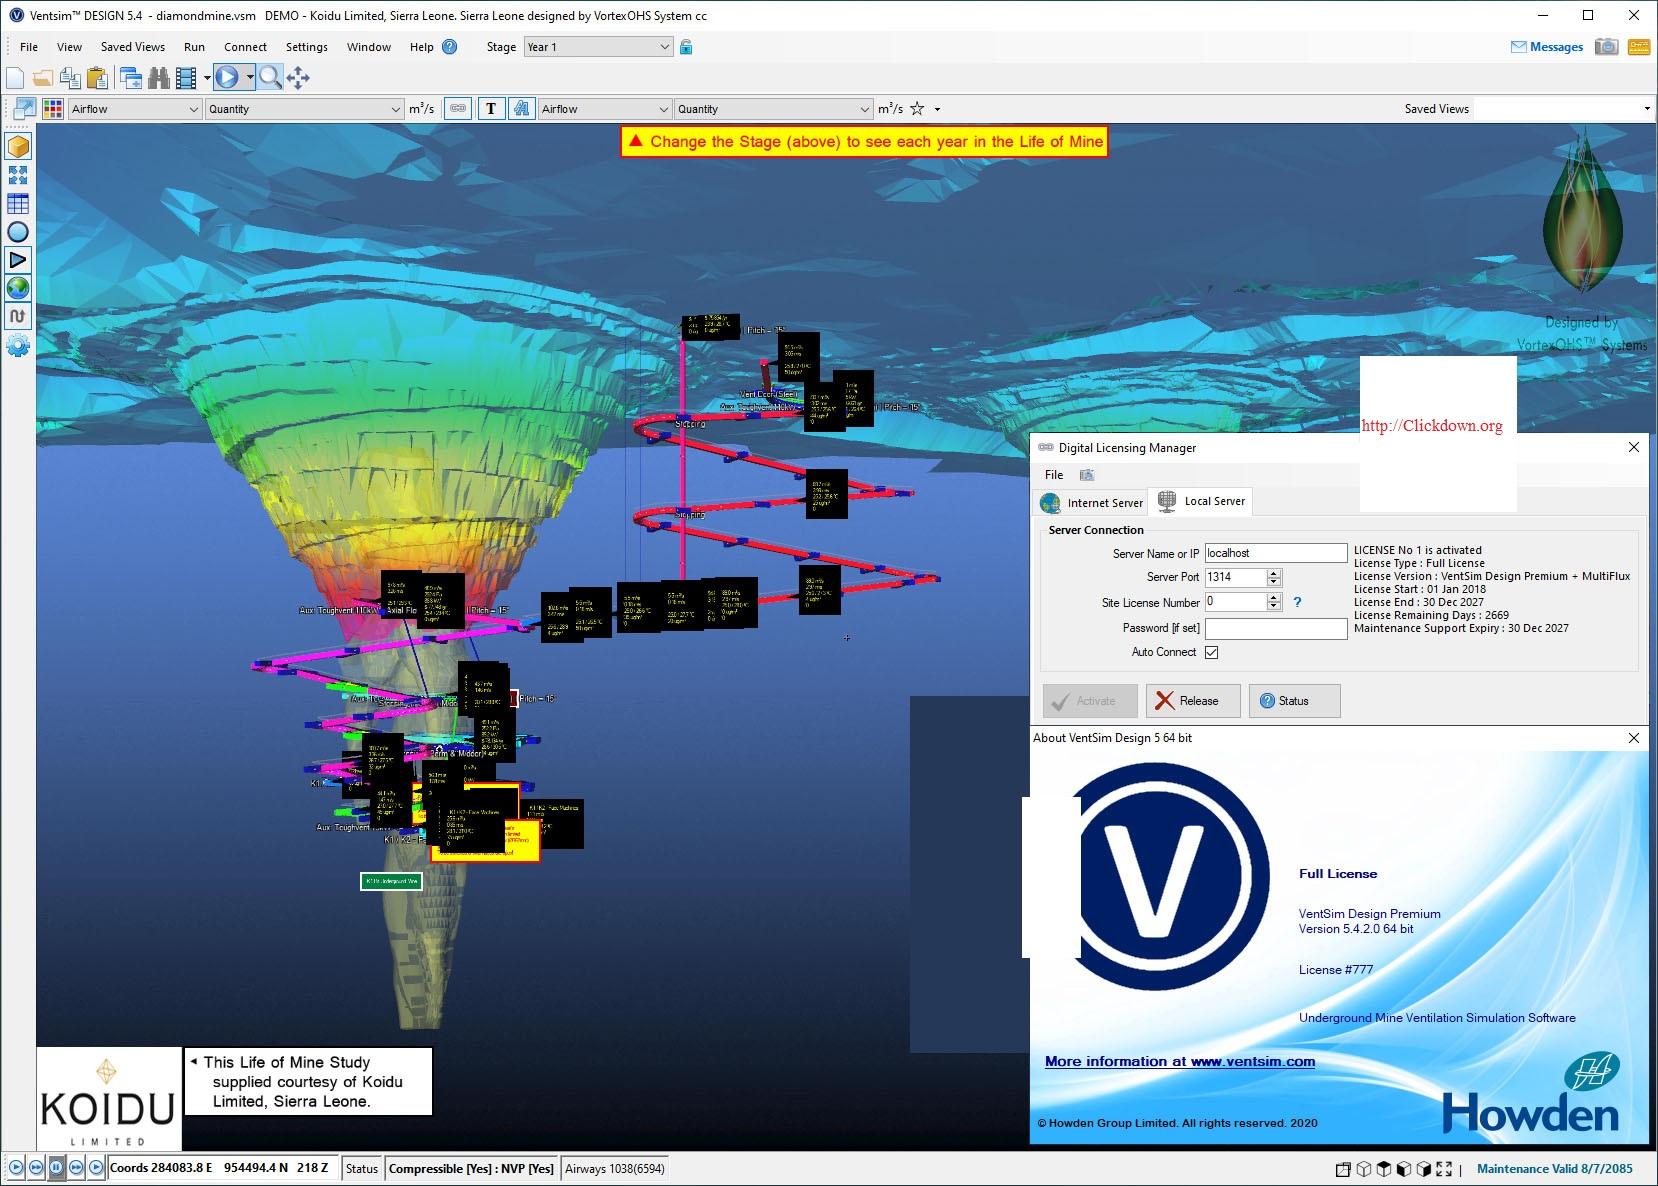 Working with Ventsim Design Premium v5.4.2.0 full